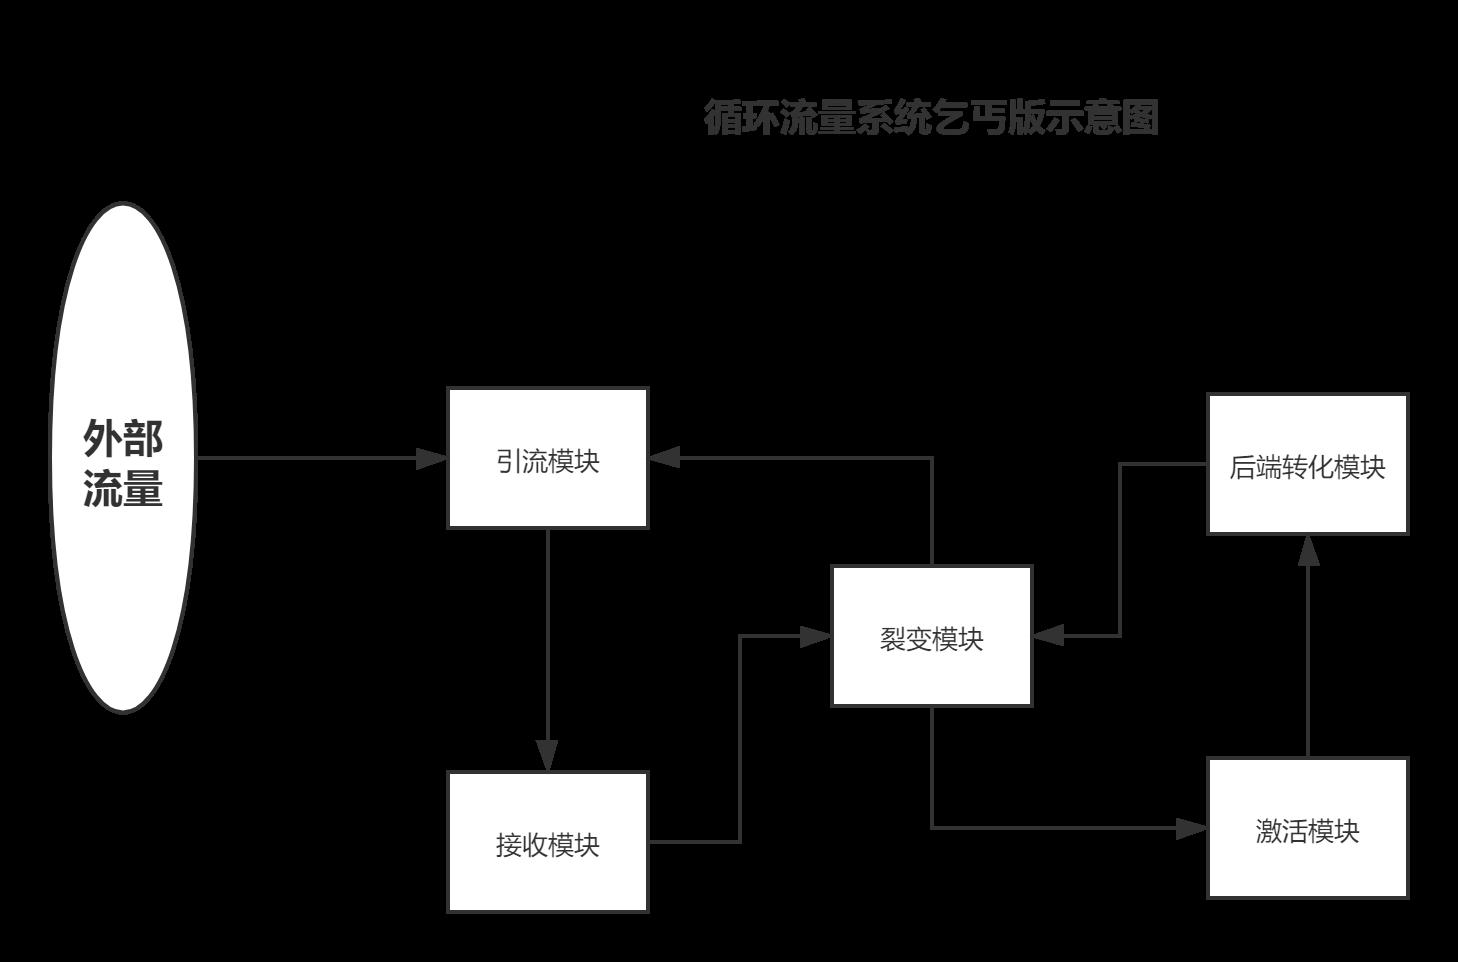 如何设计一套循环流量系统?丨循环流量实验室